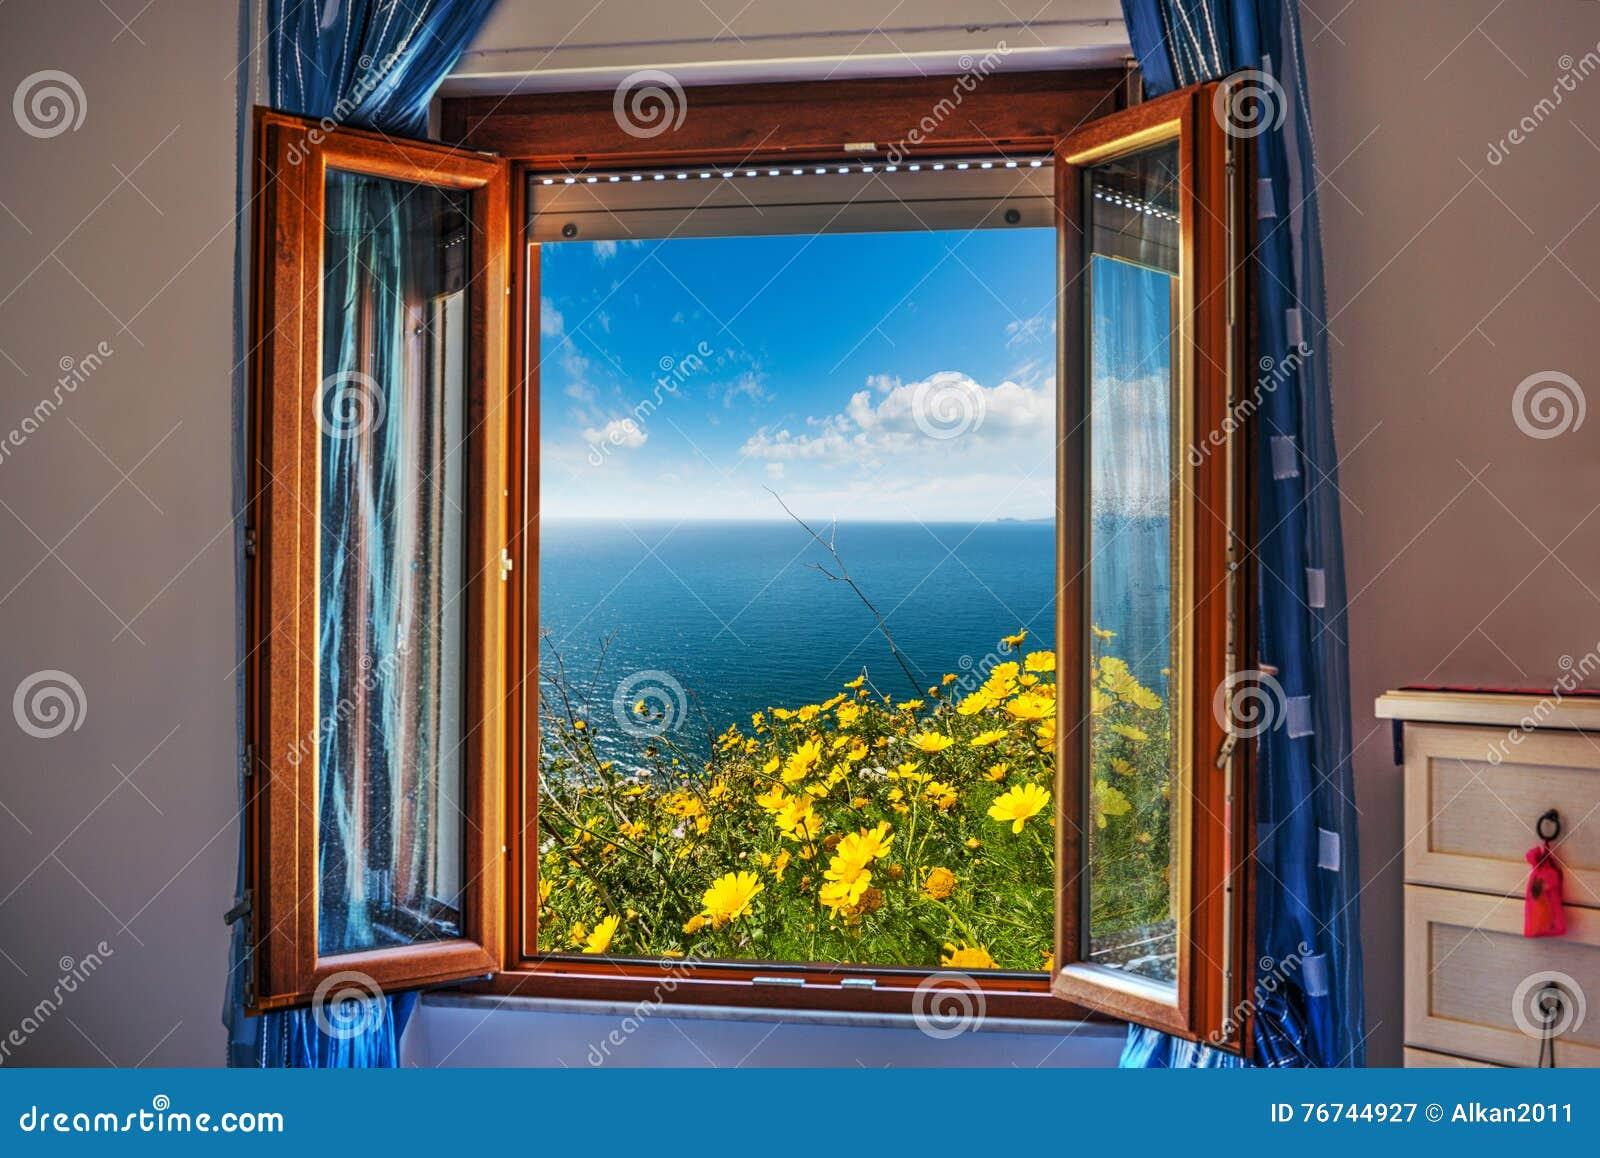 Fiori visti attraverso una finestra aperta immagine stock for Finestra antica aperta